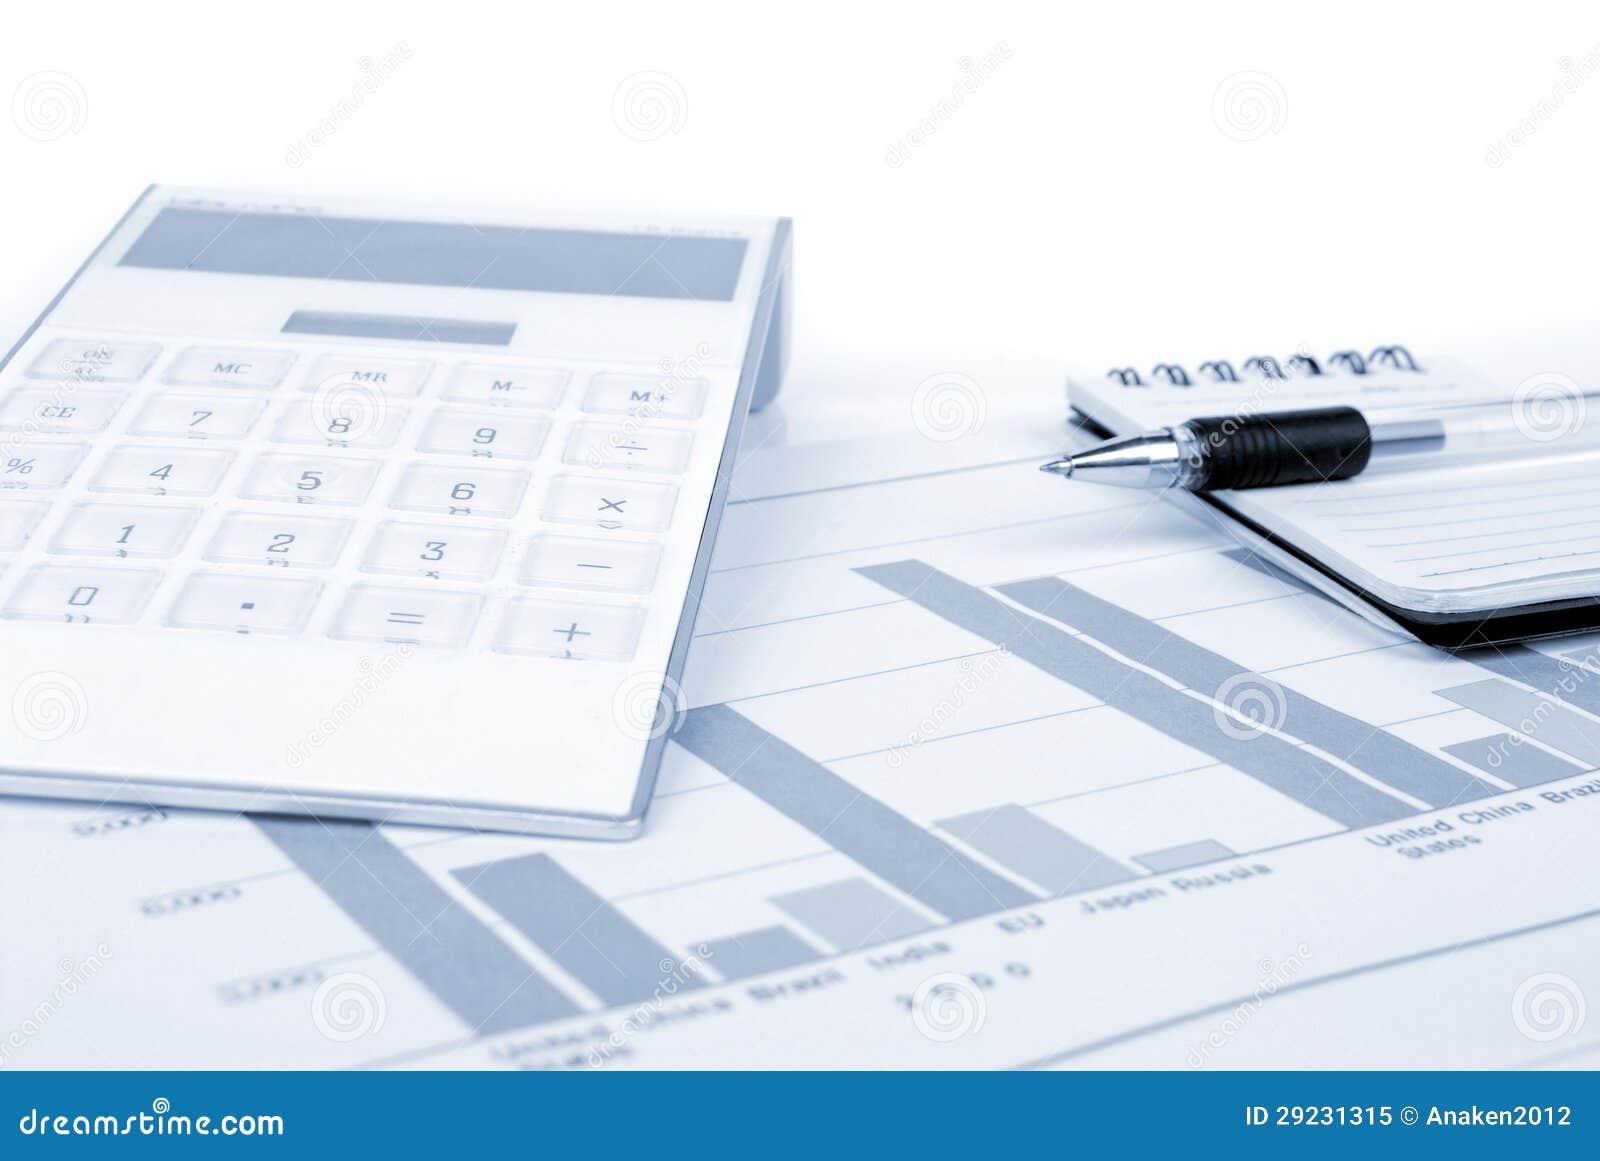 Download Negócio imagem de stock. Imagem de comércio, cálculo - 29231315